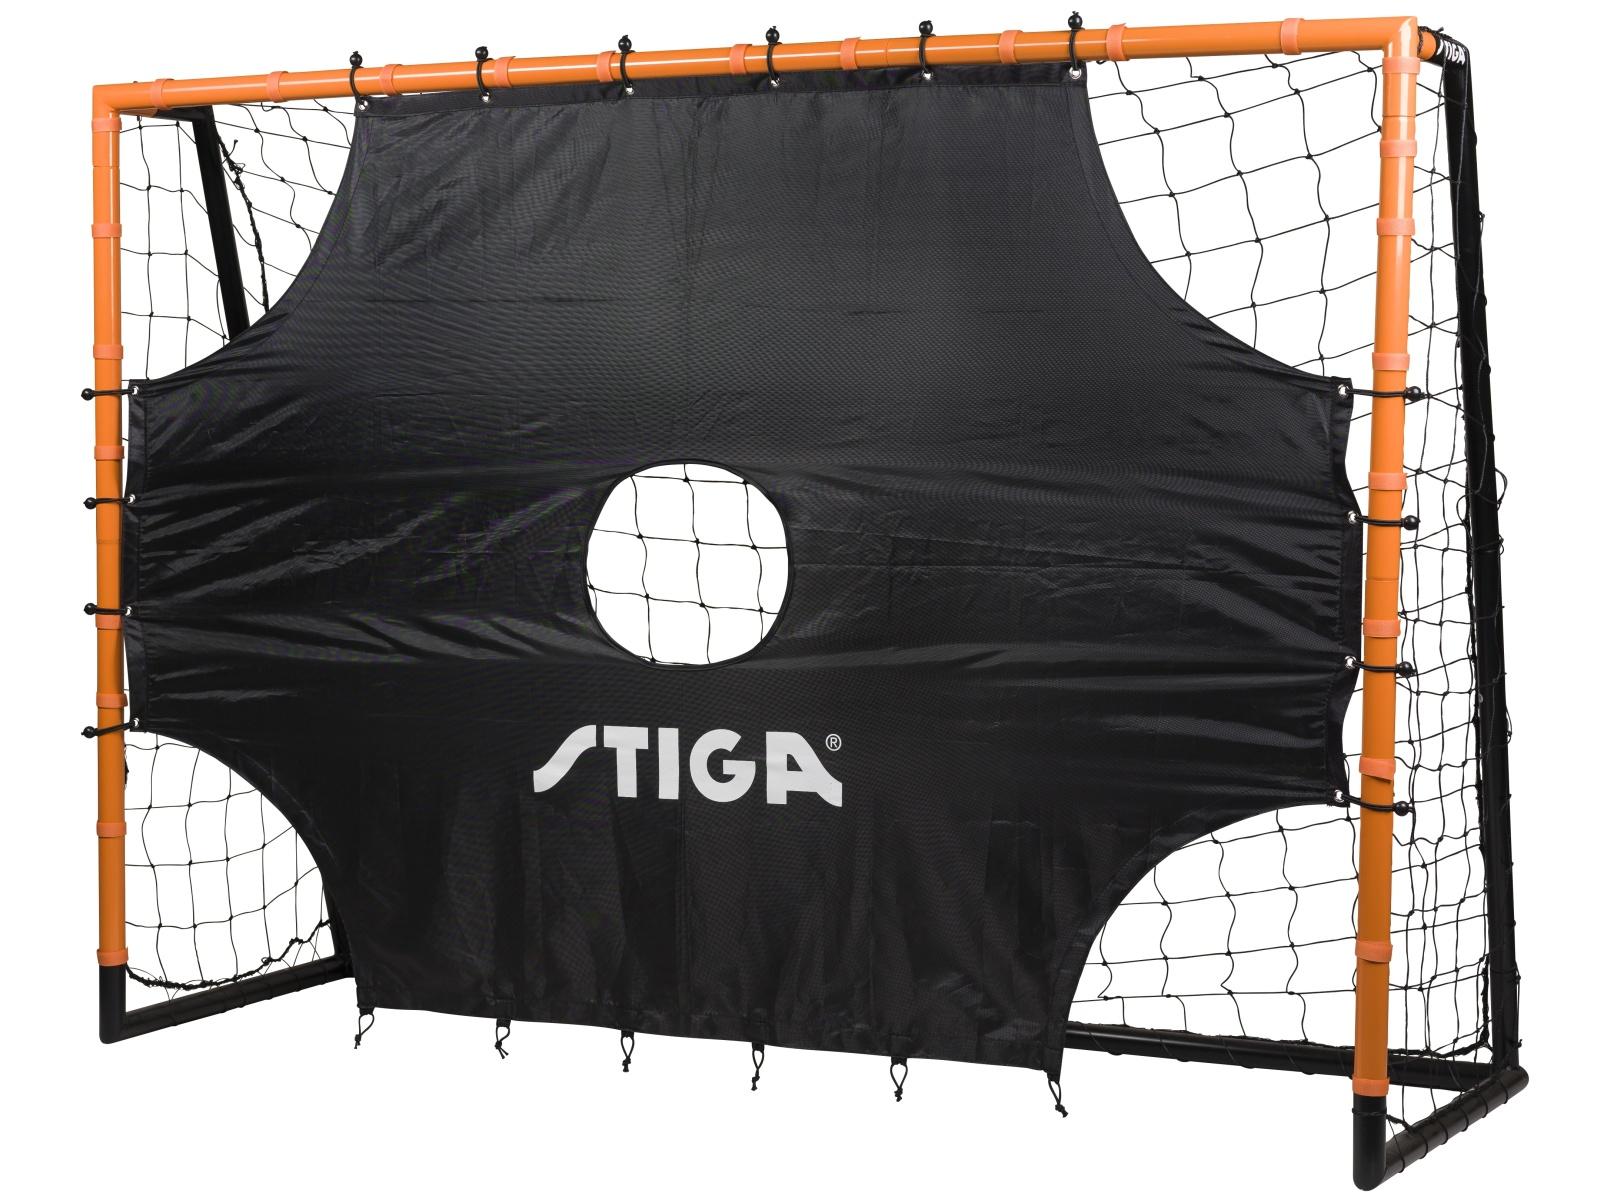 Fotbalový autobrankář STIGA Target Scorer